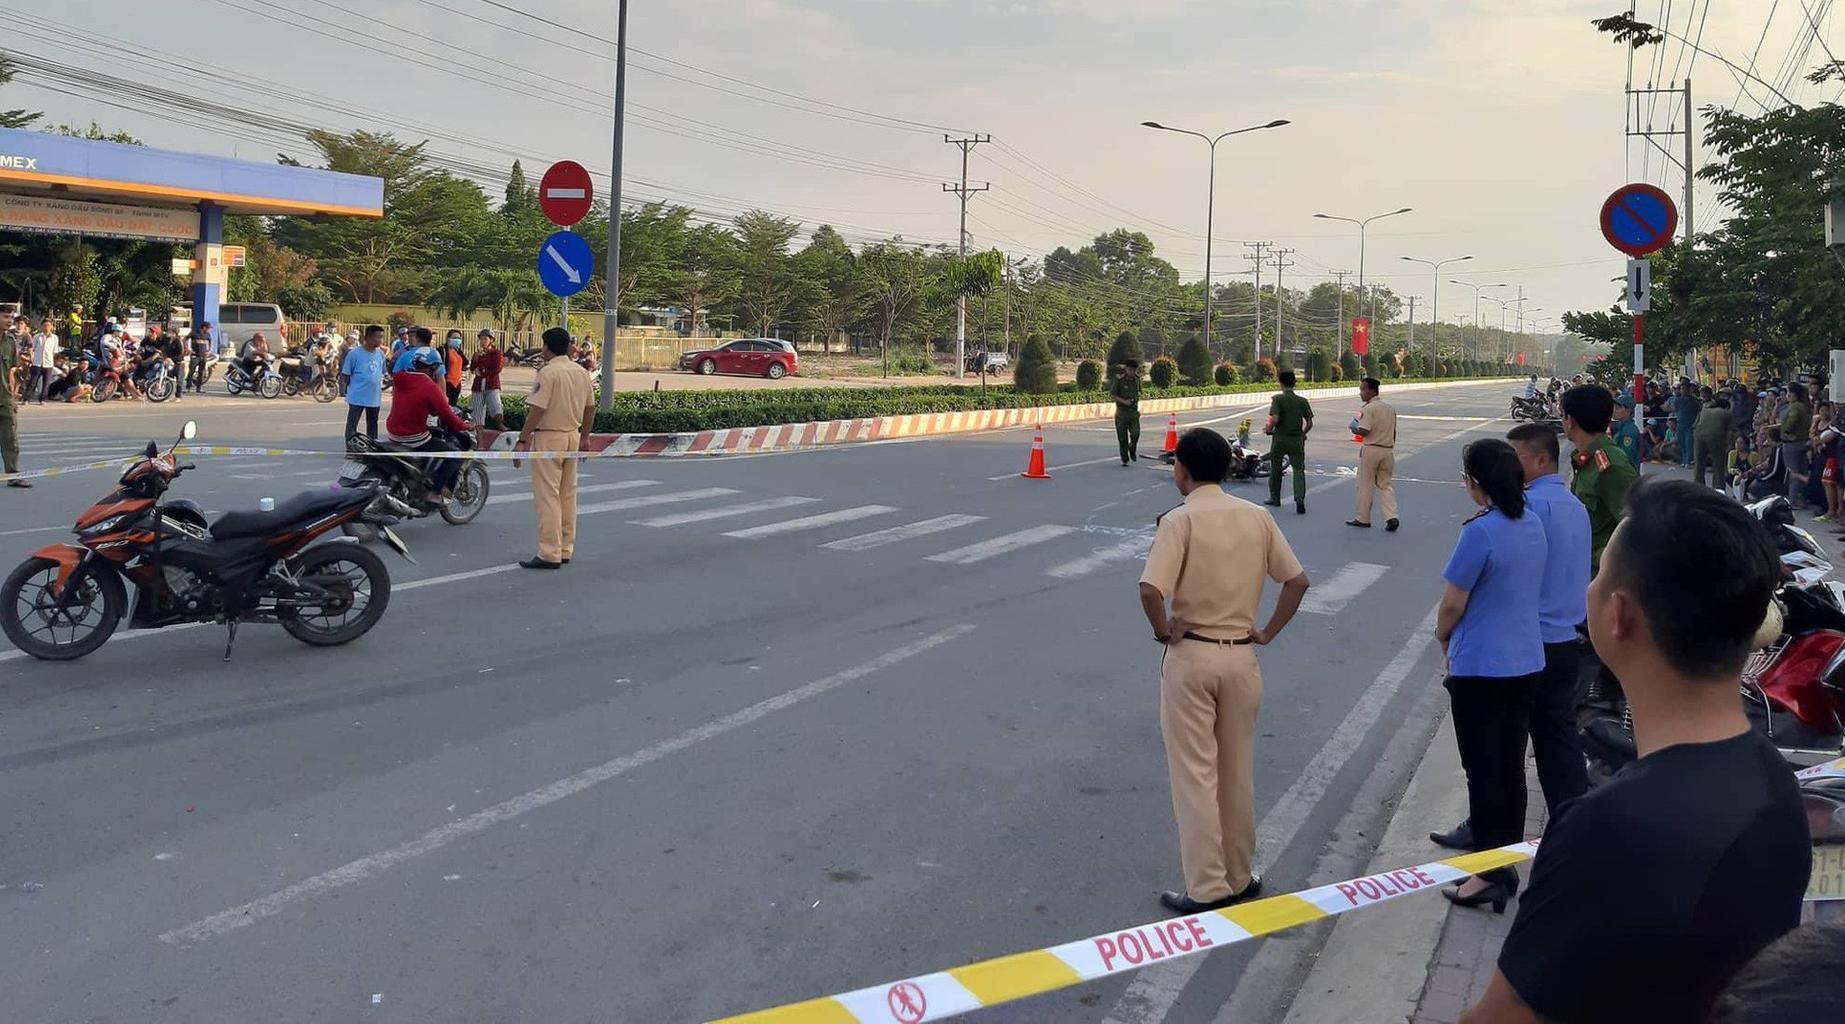 Hà Nội: Xe máy va chạm với xe tải, bé trai 2 tuổi văng xuống đường bị cán tử vong  - Ảnh 2